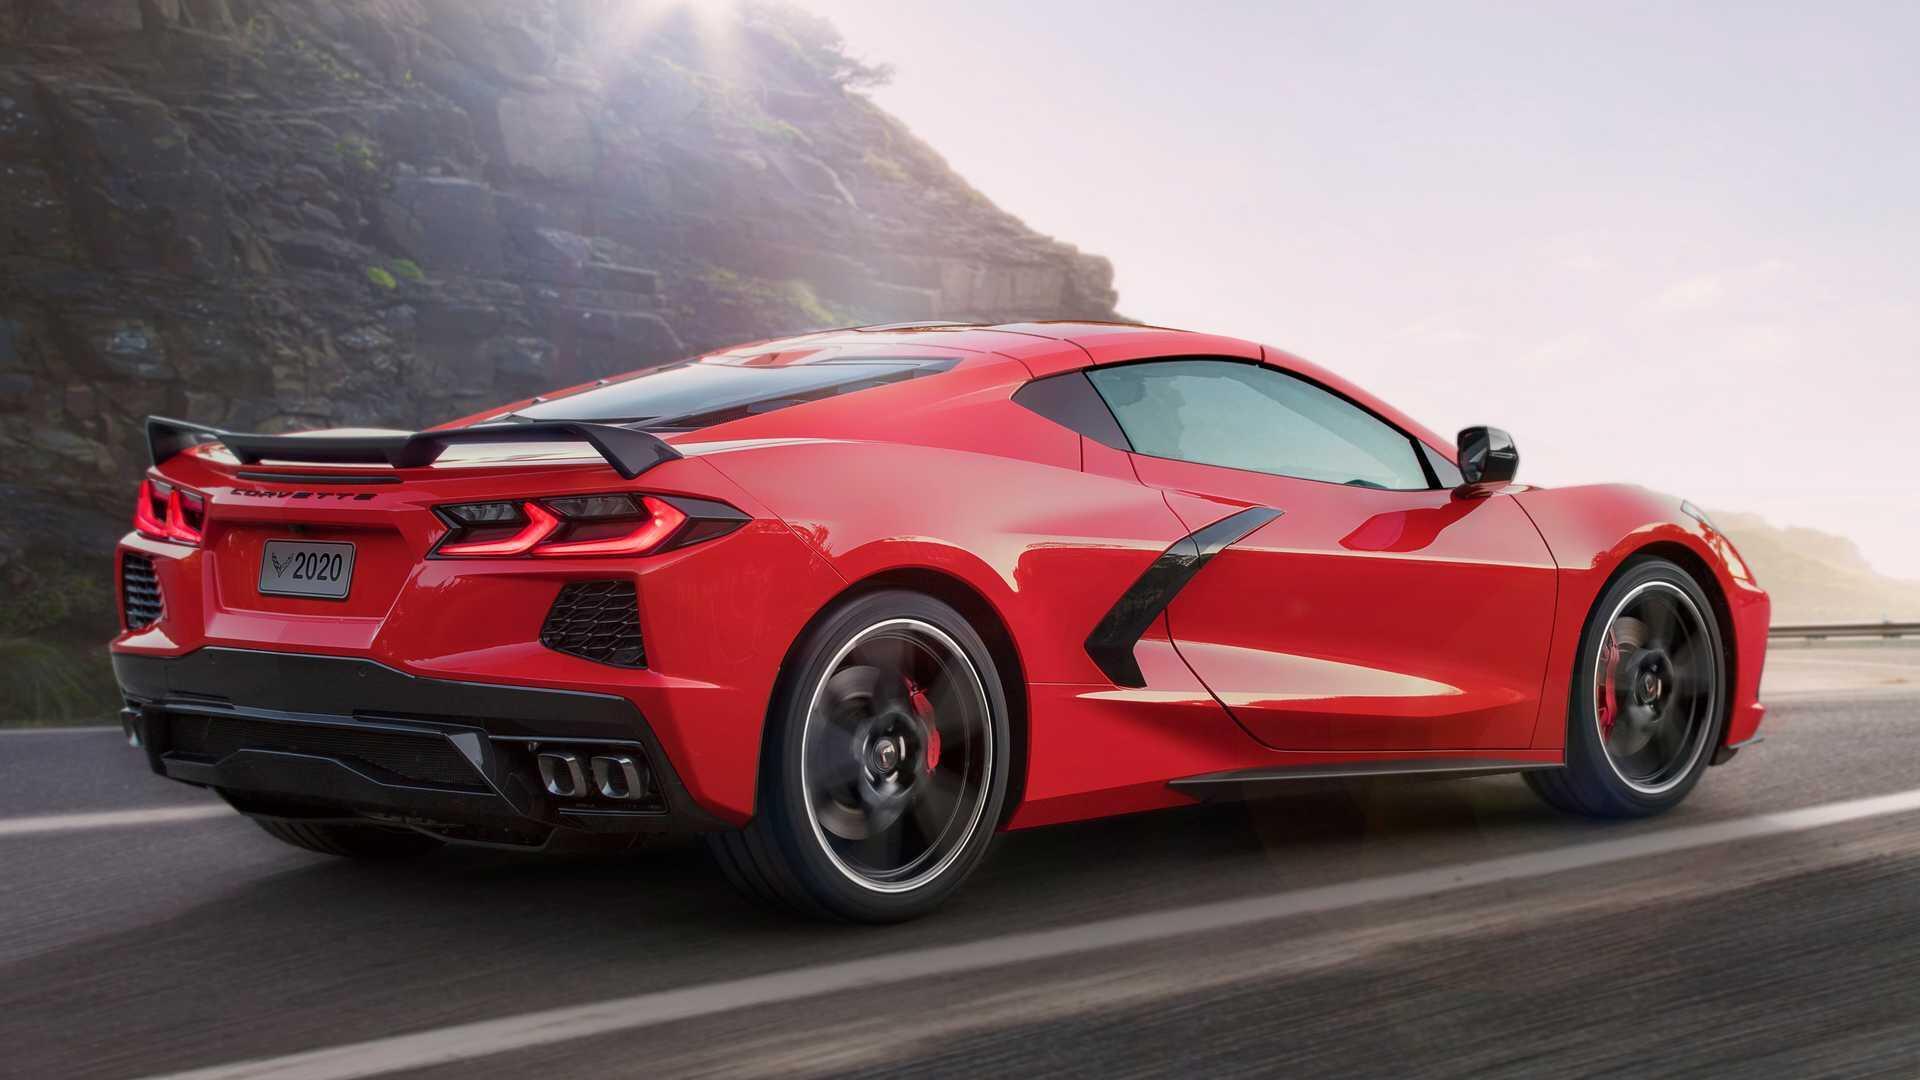 https://cdn.dailyxe.com.vn/image/chevrolet-corvette-2020-co-mot-so-tinh-nang-an-tuyet-voi-38-94539j2.jpg